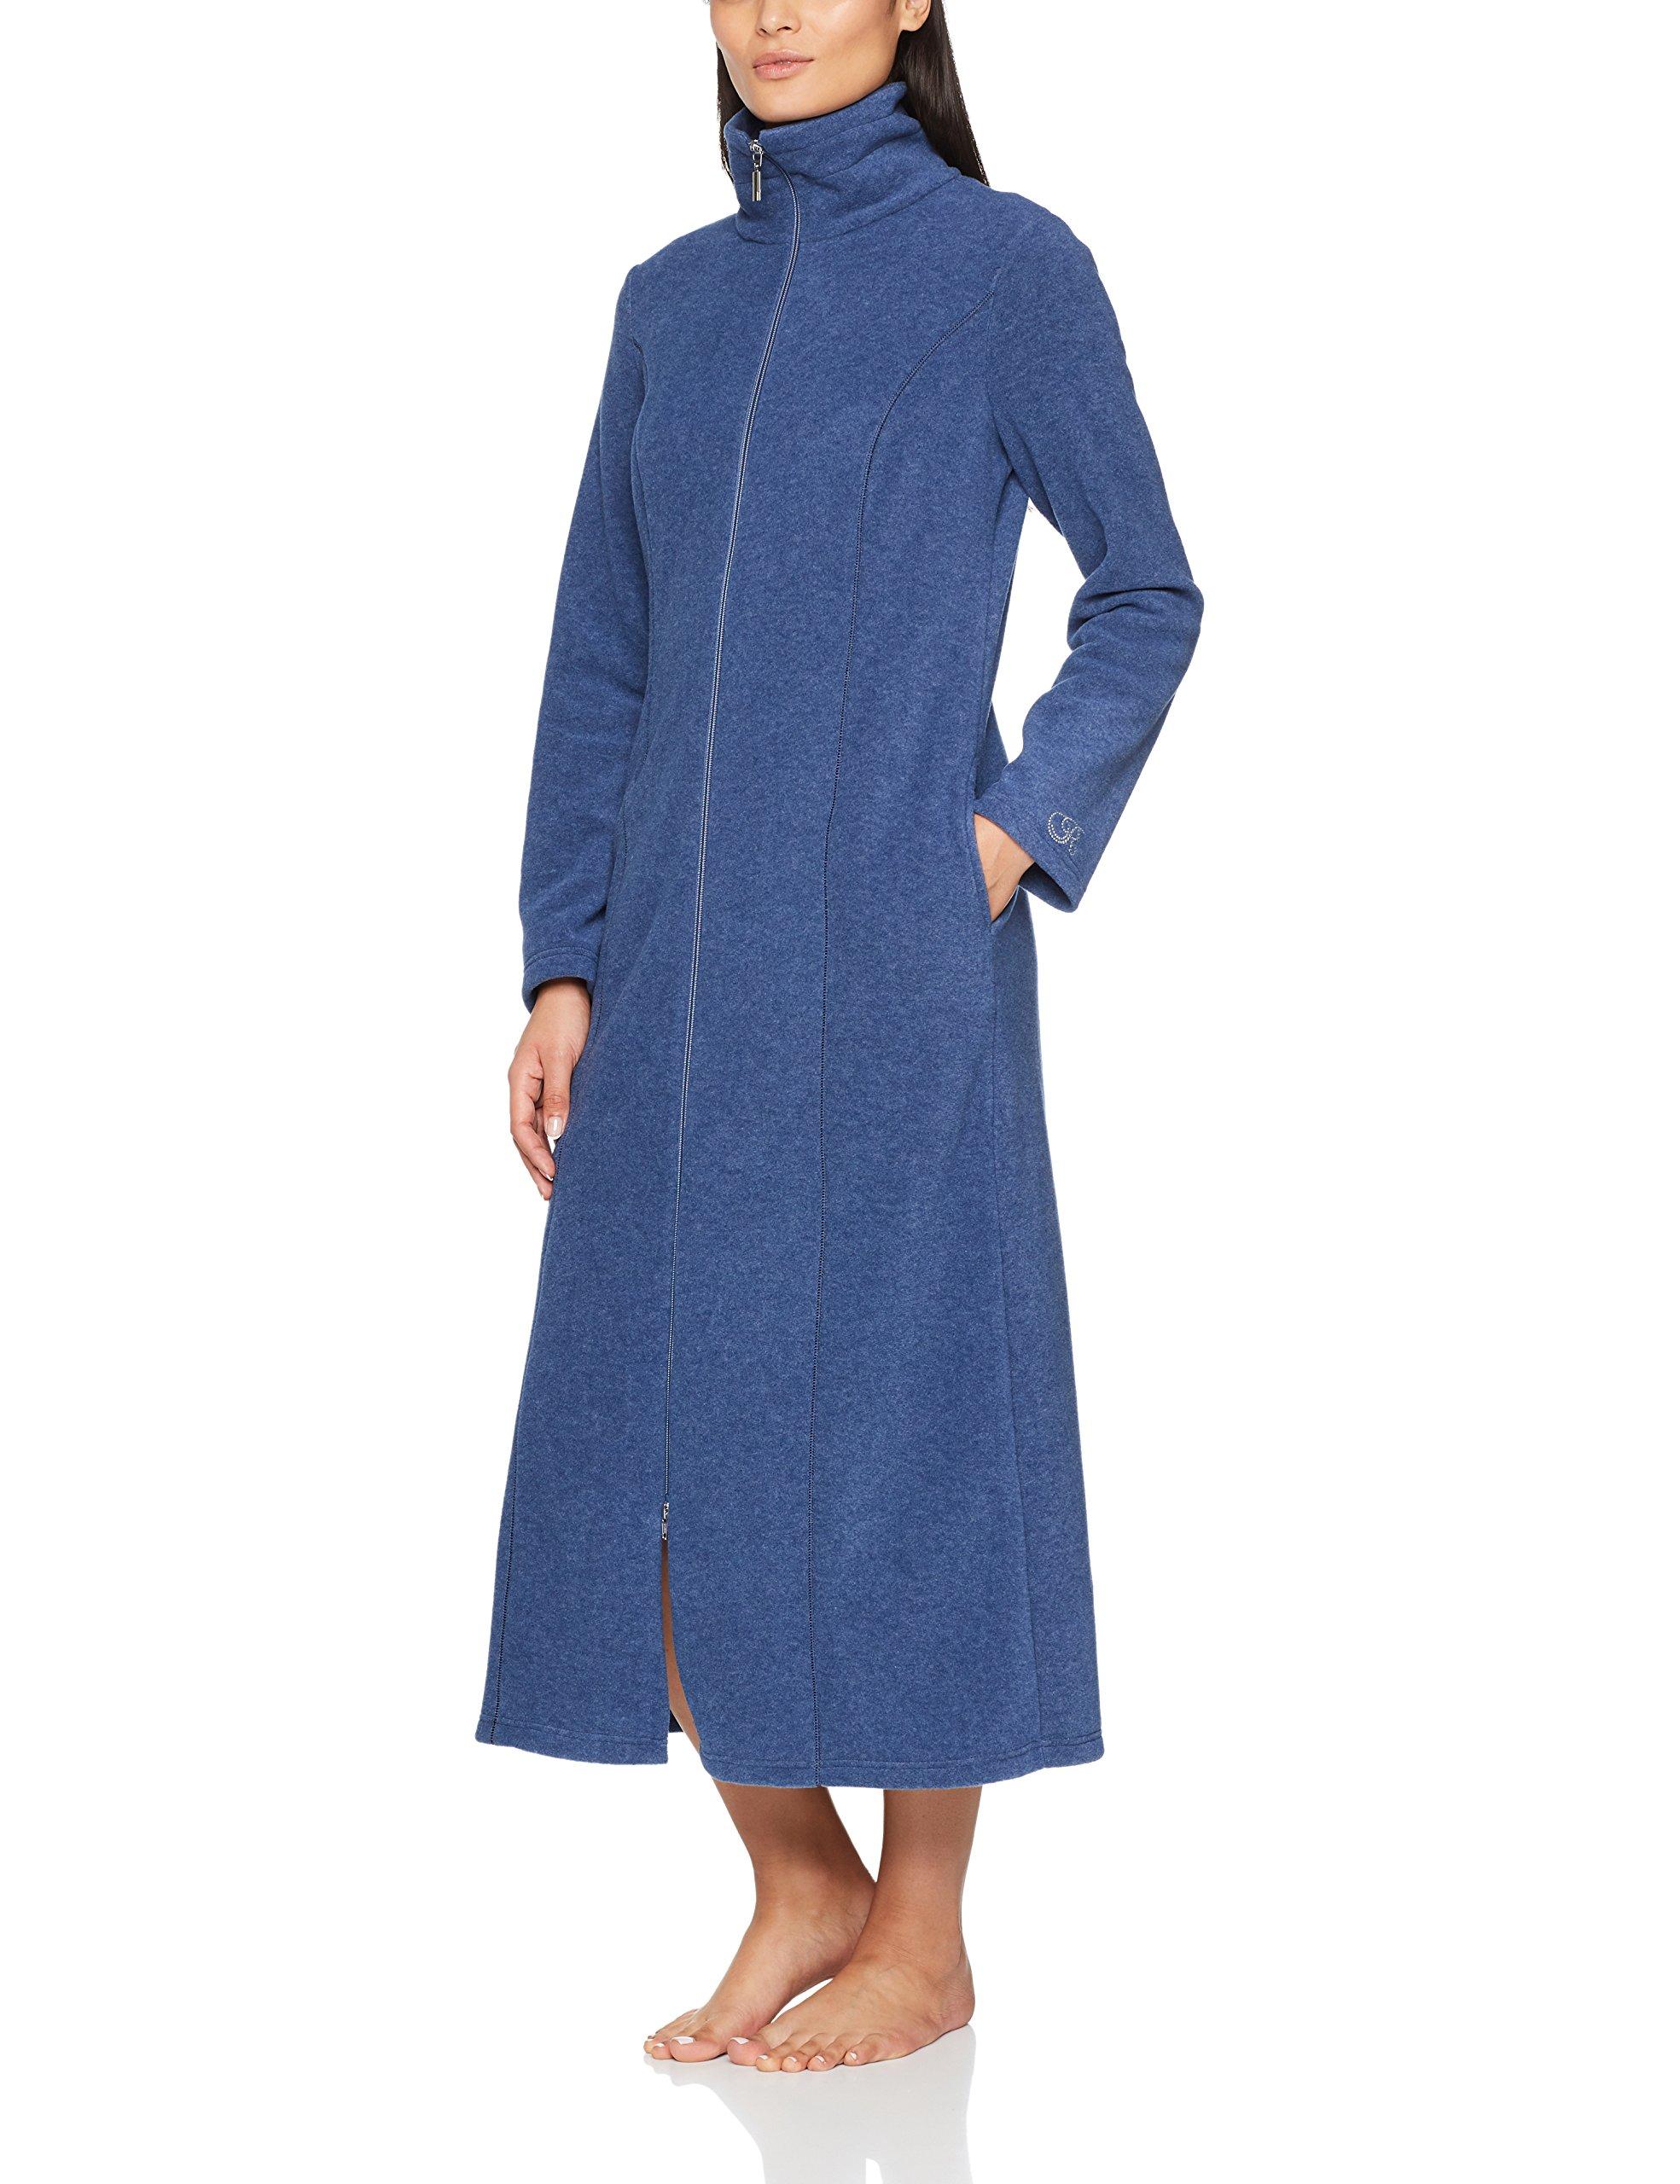 Femme Well Rösch being Robe 1000242 1889512 De ChambreBleublau 534RqAjL